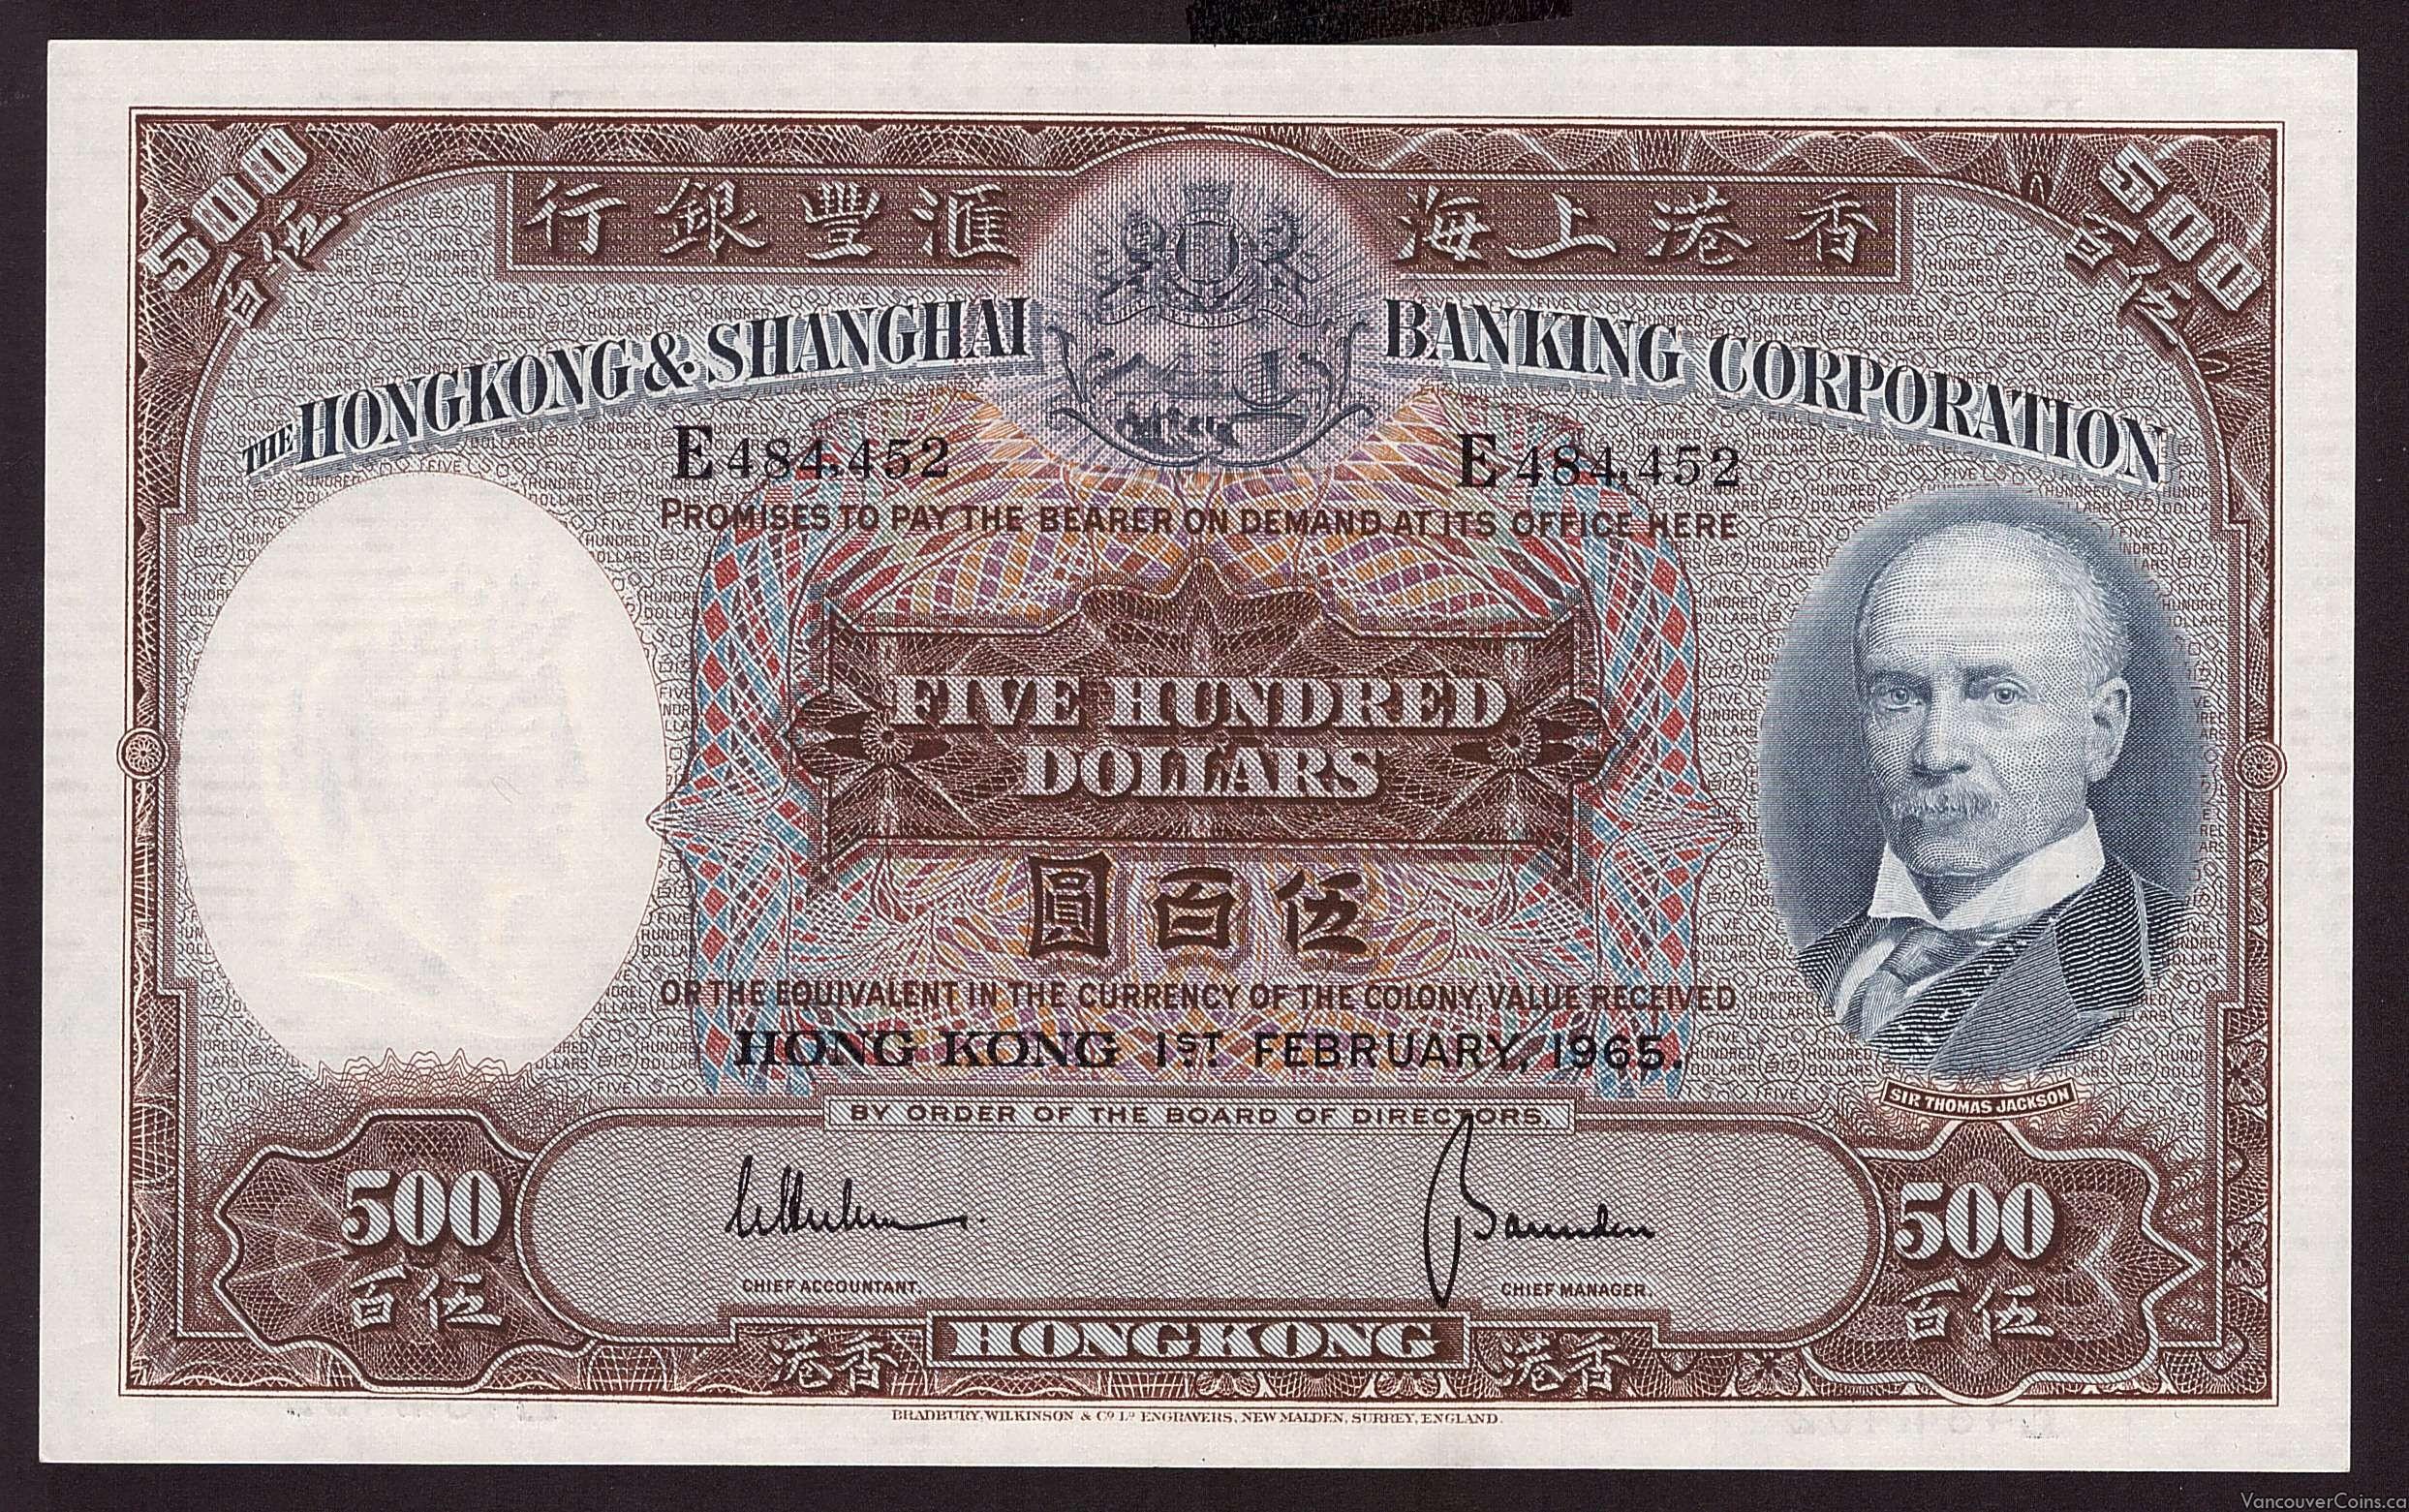 1965 Hong Kong Shanghai Bank $500 Five Hundred Dollars